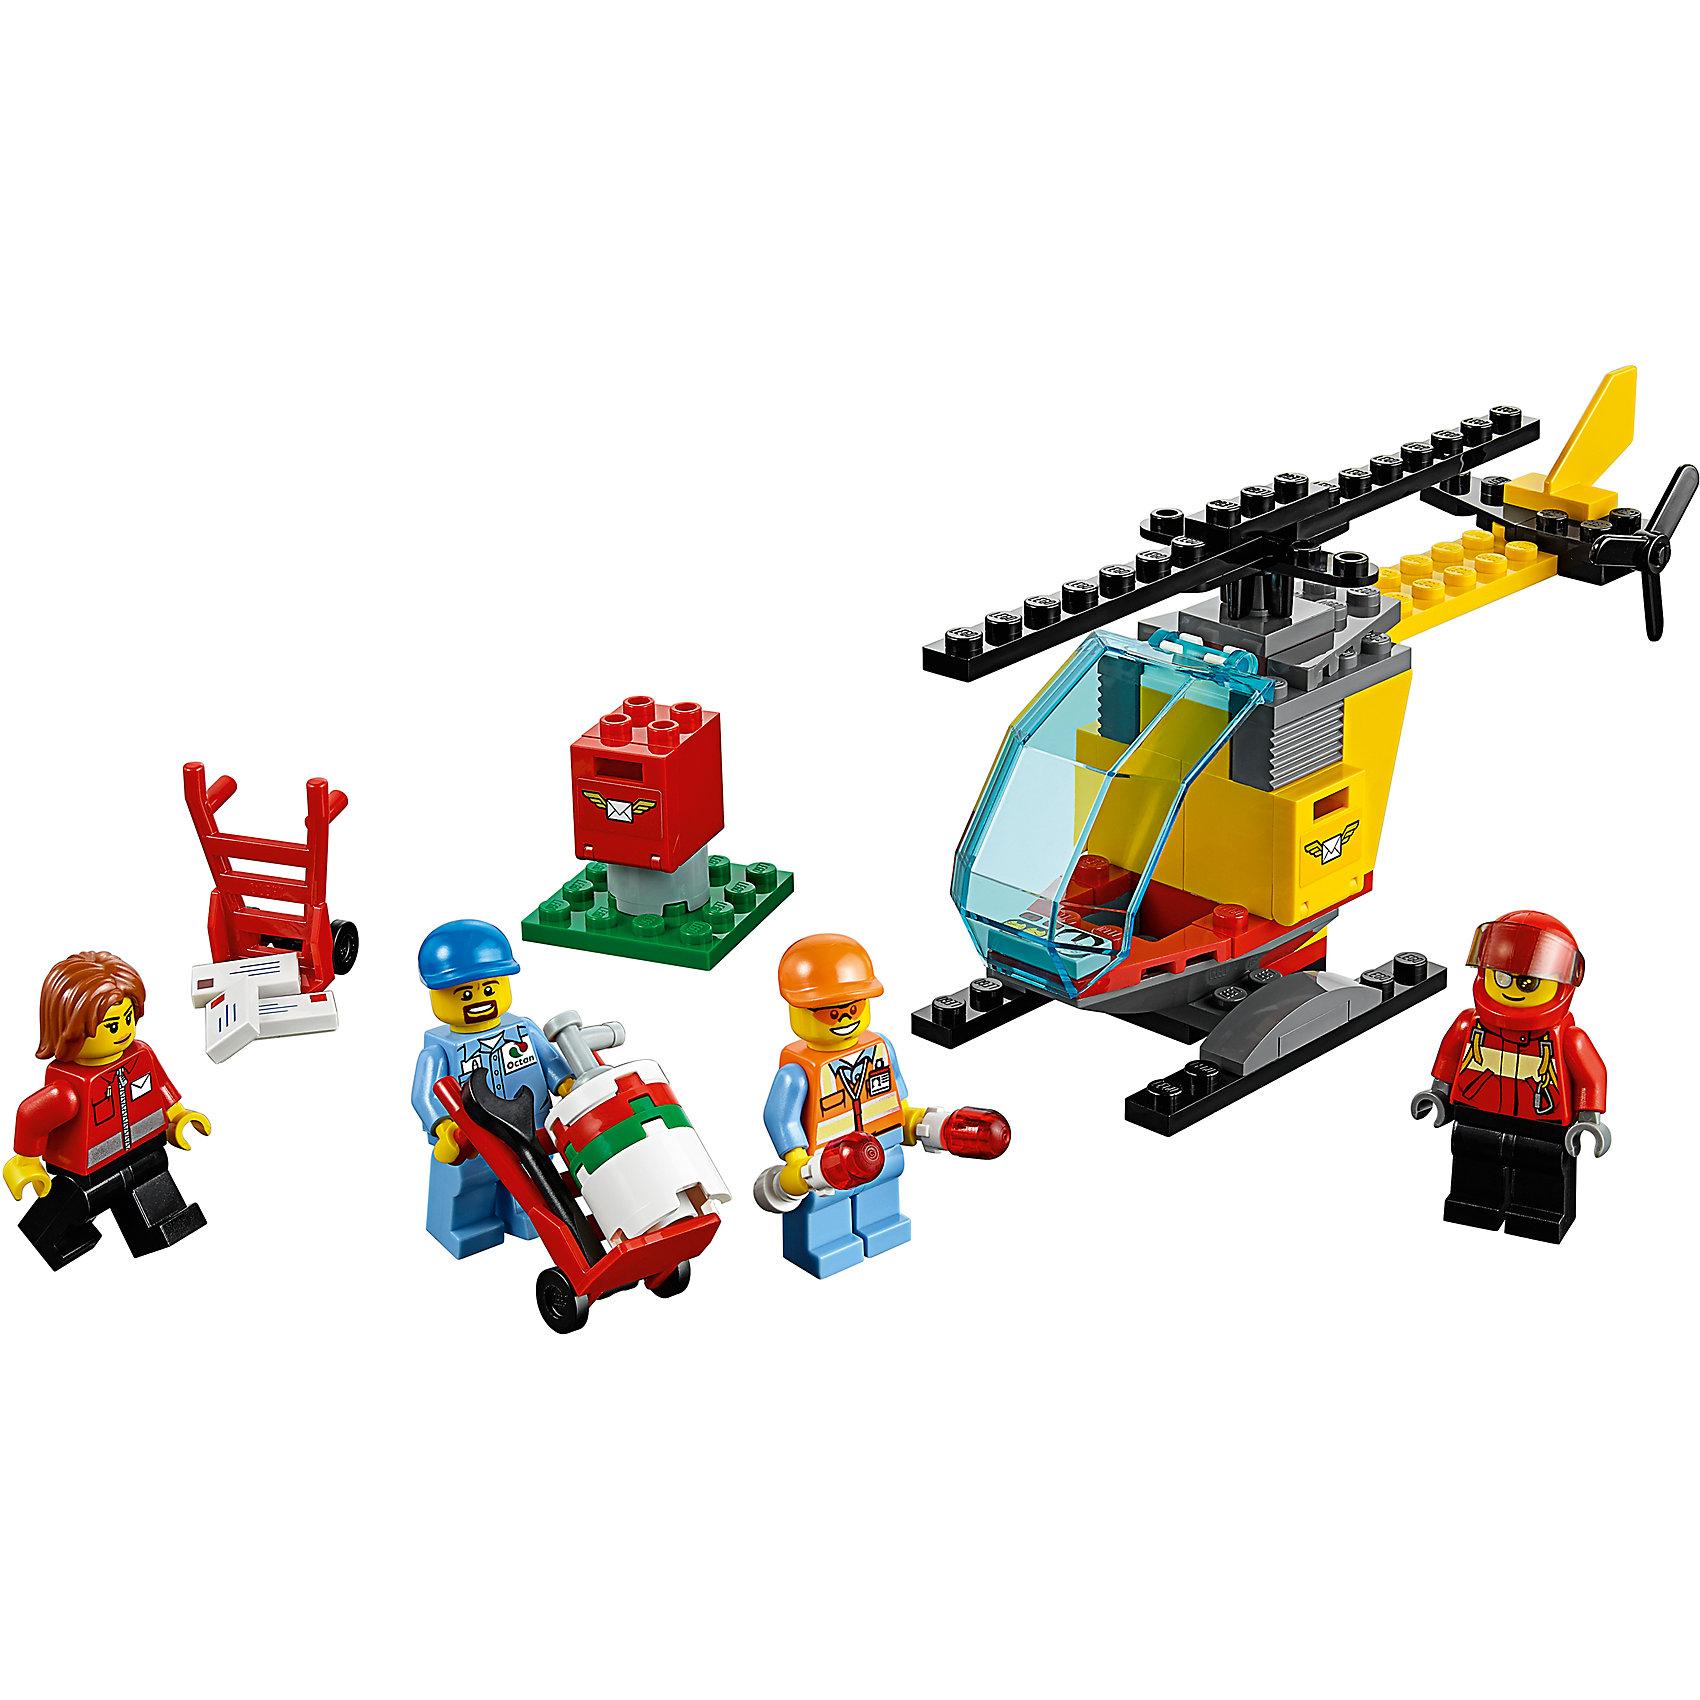 LEGO City 60100: Набор для начинающих «Аэропорт»LEGO<br>Помоги доставить почту жителям Города Лего вместе с набором Lego City! Заправь полный бак вертолета горючим, затем загрузи с тележек посылки и письма и помоги пилоту забраться в кабину. Отправь вертолет на взлетную полосу и - вперед, взлетай! Рабочий с направляющими огнями в руках поможет тебе в этом.<br><br>LEGO City (ЛЕГО Сити) - серия детских конструкторов ЛЕГО, с помощью которого ваш ребенок может погрузиться в мир мегаполиса. Эта серия поможет ребенку понять, как устроена жизнь города, какие функции выполняют те или иные люди и техника. Предлагает на выбор огромное множество профессий, сфер деятельности и ситуаций, связанных с ними.<br><br>Дополнительная информация:<br><br>- Конструкторы ЛЕГО развивают усидчивость, внимание, фантазию и мелкую моторику. <br>- 4 минифигурки.<br>- Количество деталей: 81. <br>- Комплектация: 4 мини-фигурки рабочих, вертолет с открытой кабиной (винты и лопасти вращаются), аксессуары.<br>- Серия ЛЕГО Сити (LEGO City).<br>- Материал: пластик.<br>- Размер упаковки: 14х6х16 см.<br>- Вес: 0.14 кг.<br><br>Конструктор LEGO City 60100: Набор для начинающих «Аэропорт» можно купить в нашем магазине.<br><br>Ширина мм: 160<br>Глубина мм: 139<br>Высота мм: 60<br>Вес г: 142<br>Возраст от месяцев: 60<br>Возраст до месяцев: 144<br>Пол: Мужской<br>Возраст: Детский<br>SKU: 4641235